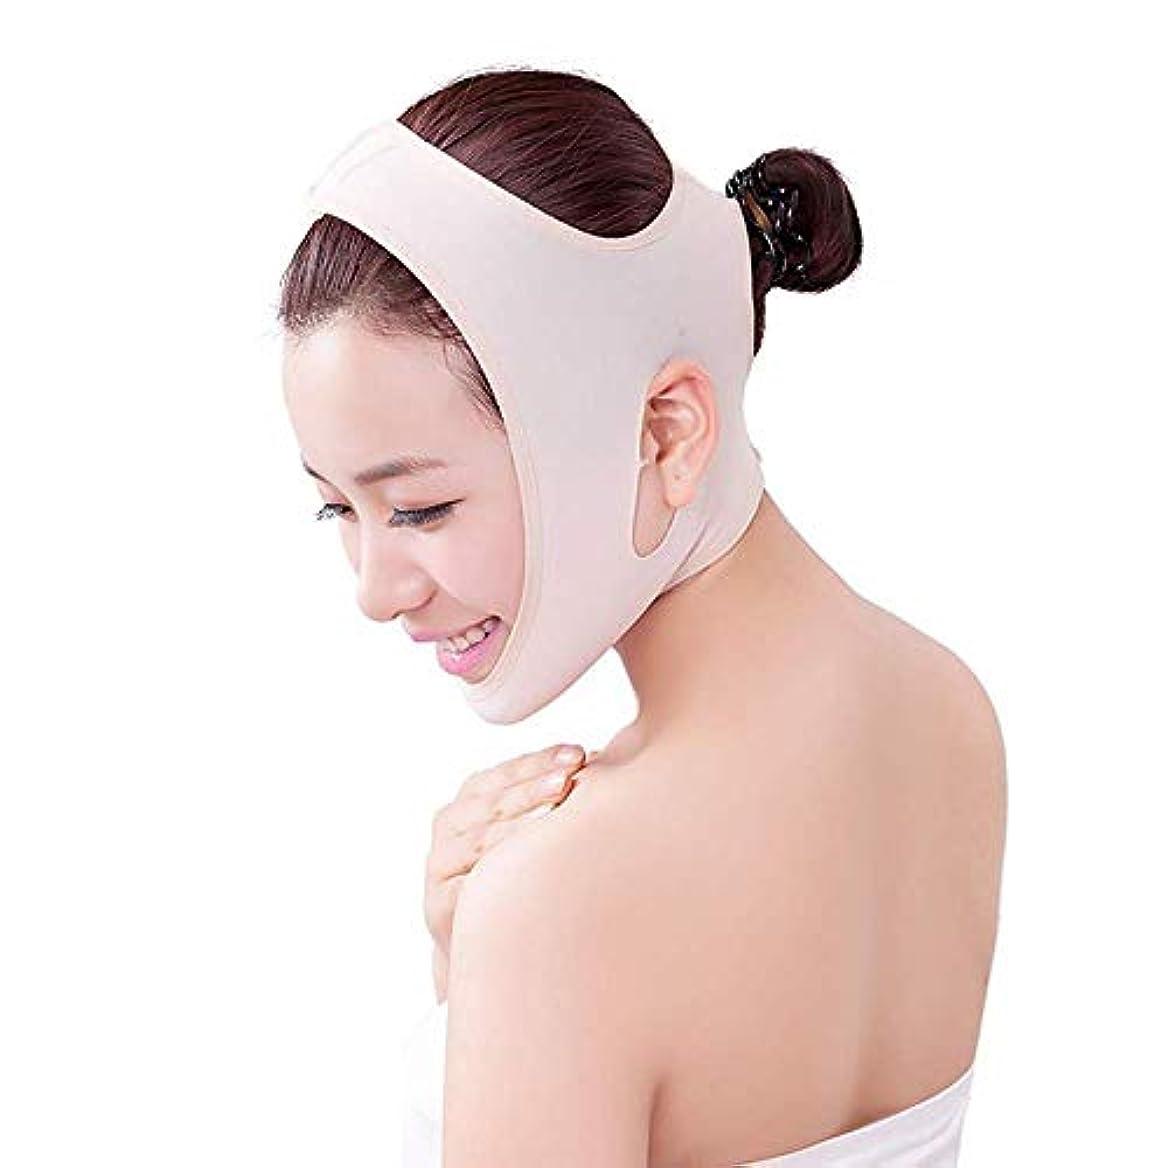 自分のために前兆階段薄型フェイスベルト - 男性用および女性用の包帯をフランスの顔用リフティングマスク器具に引き締める薄型フェイスVフェイス薄型ダブルチンフェイスリフティングベルト(サイズ:M),XS